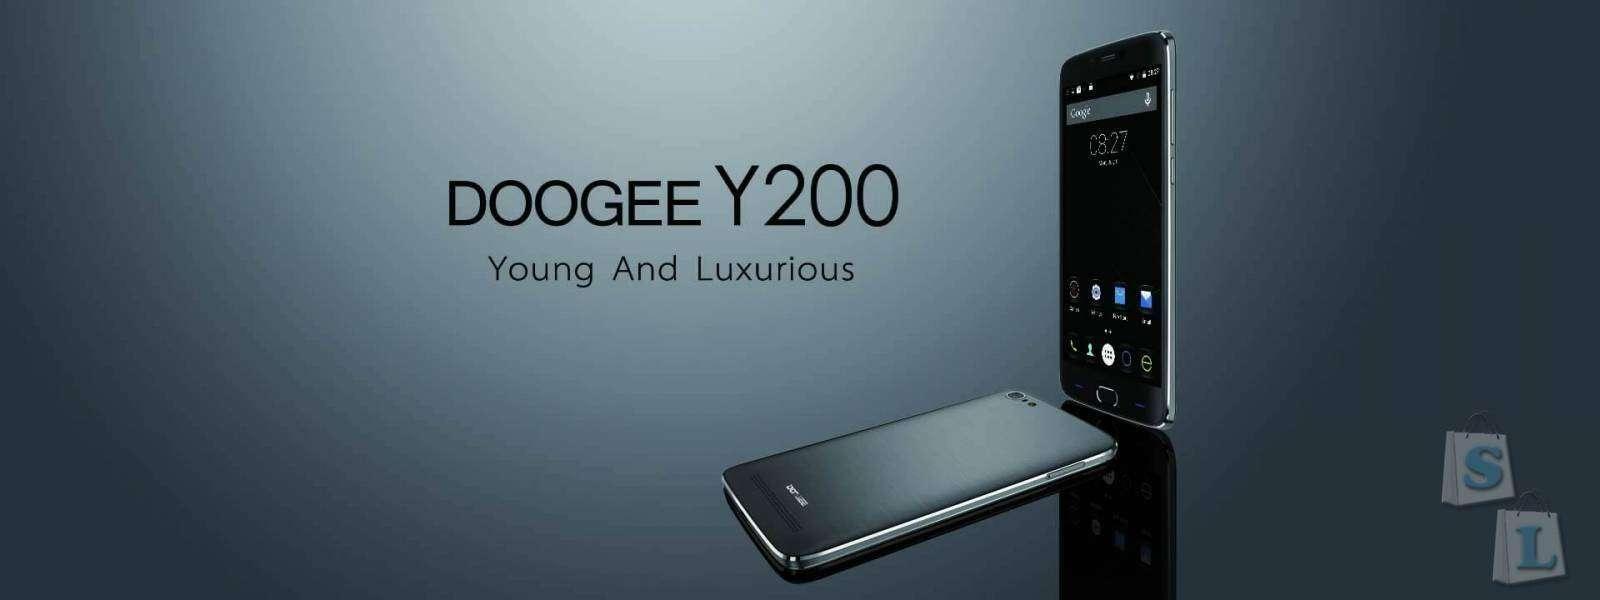 Shopper: Обзор Doogee Y200 тонкая новинка с сканером отпечатков пальца